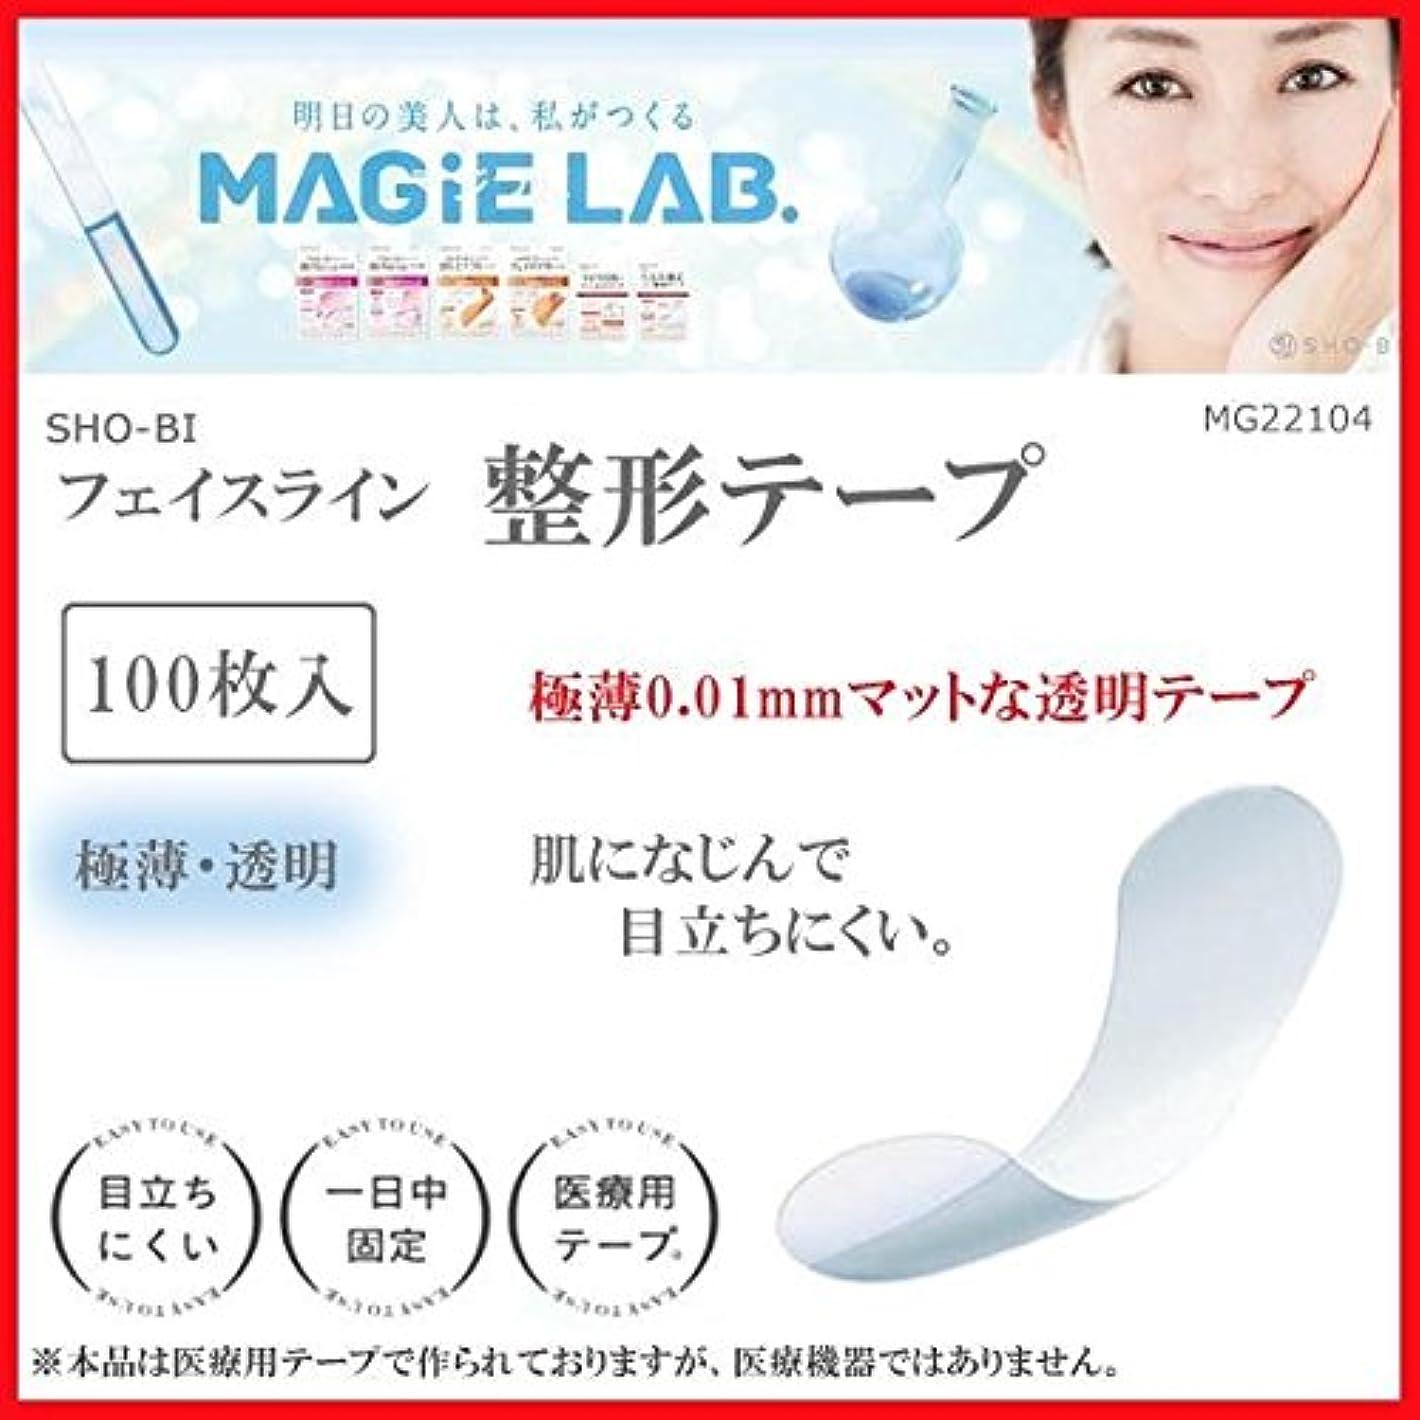 誰か広げるマイコンSHO-BI MAGiE LAB.(マジラボ) フェイスライン整形テープ 100枚入 MG22104